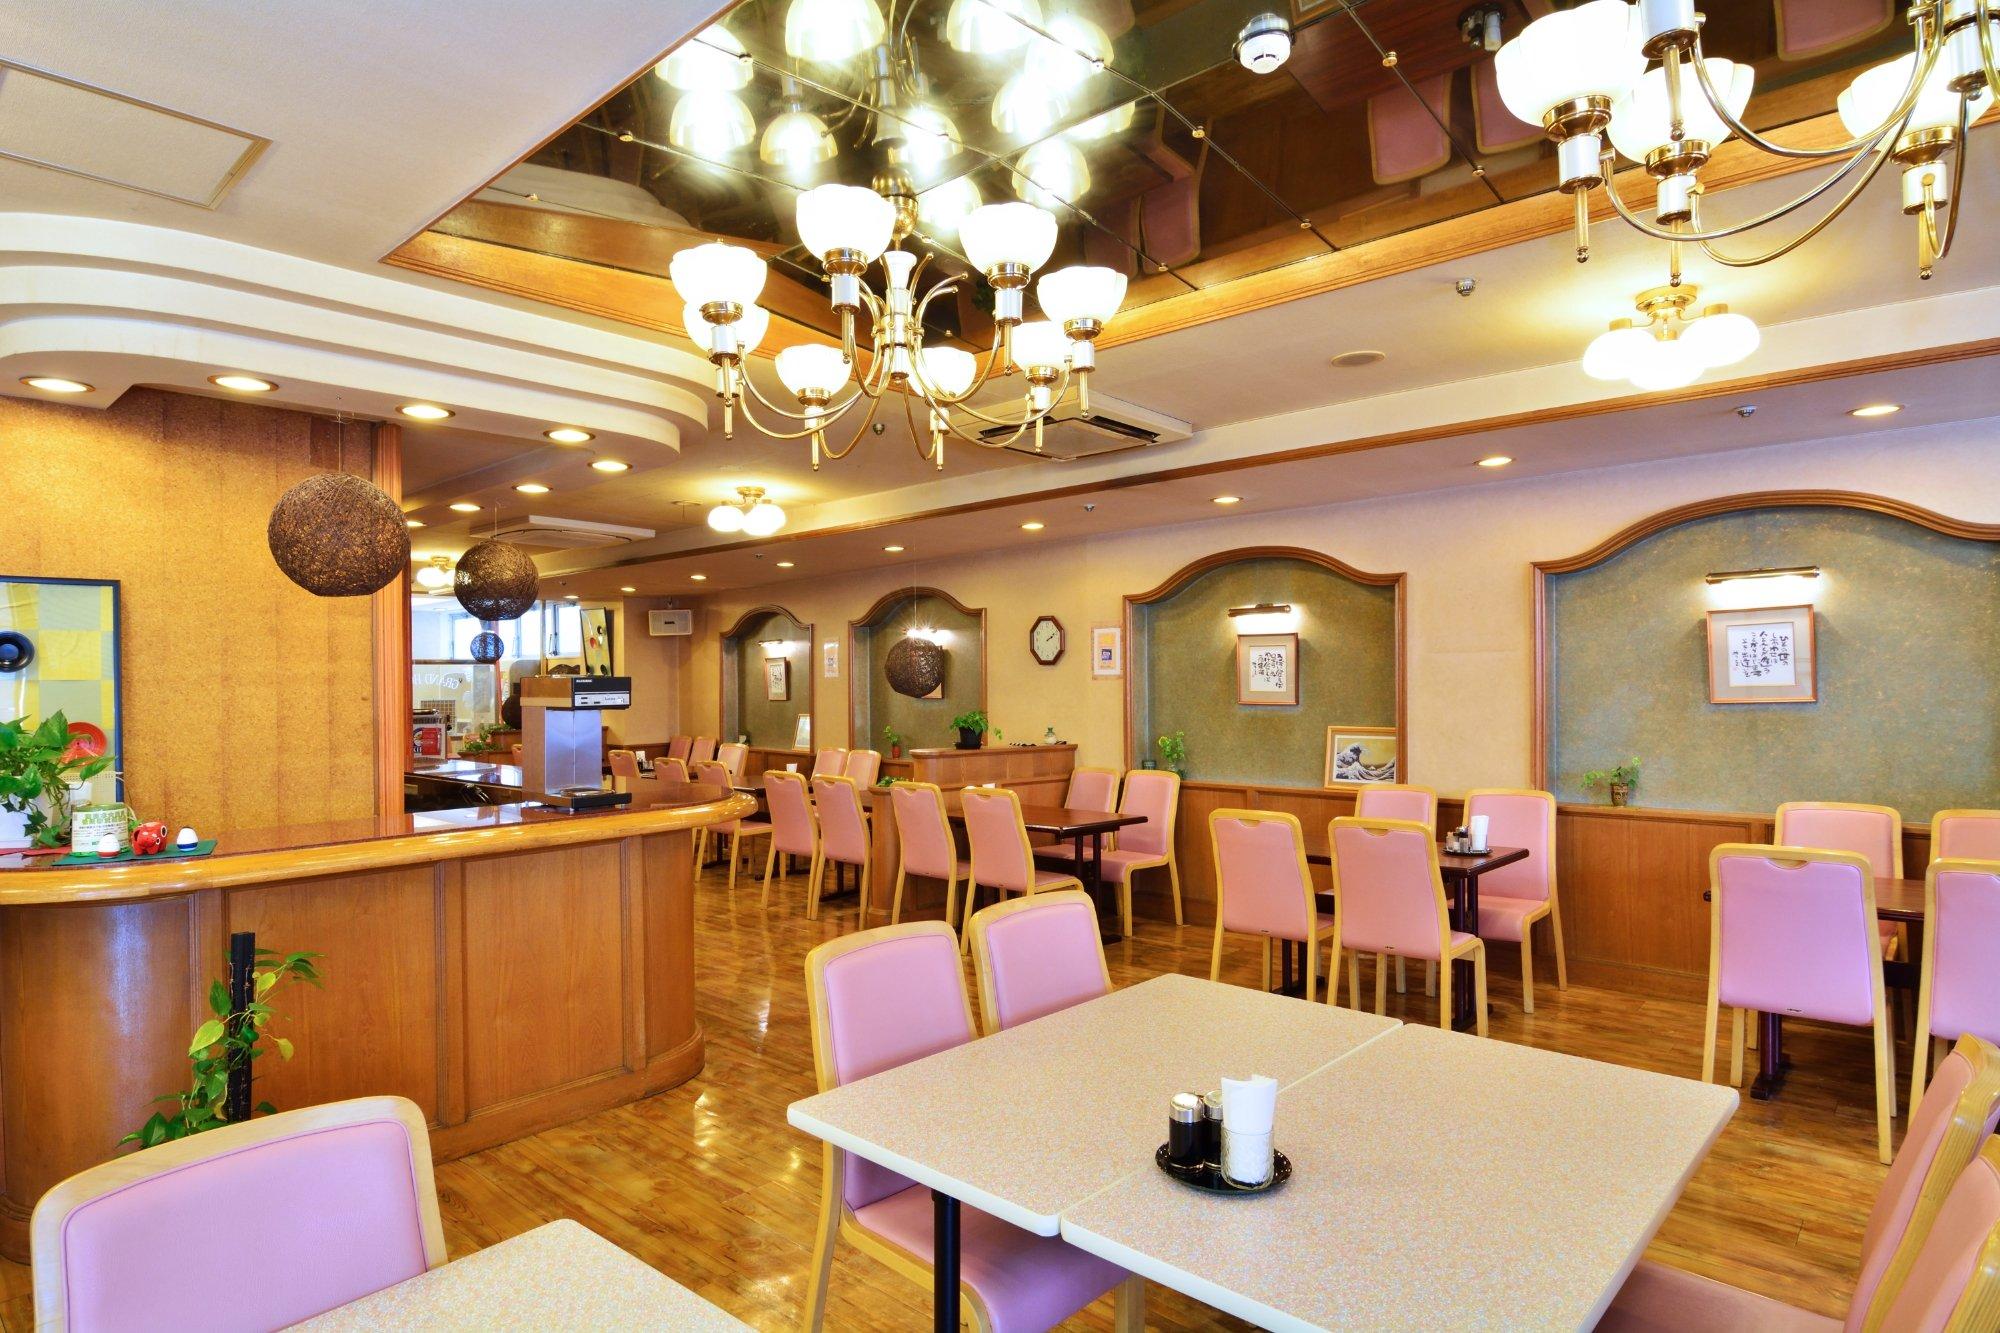 โรงแรมนากามาชิฟูจิ แกรนด์